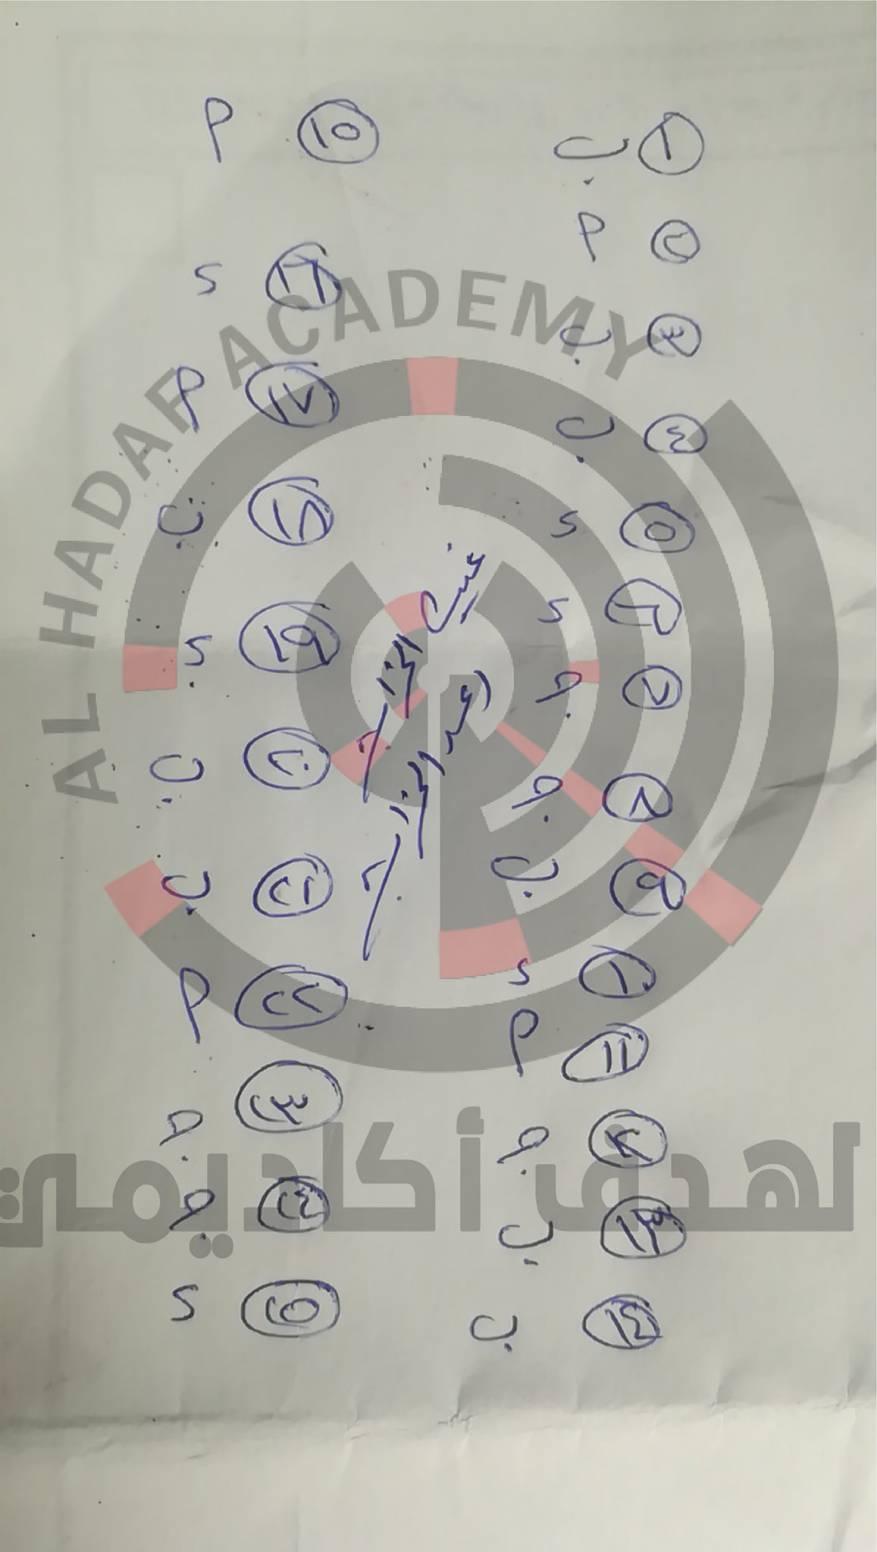 إجابات امتحان الرياضيات التوجيهي التكميلي 2020 – 2021 بالأردن